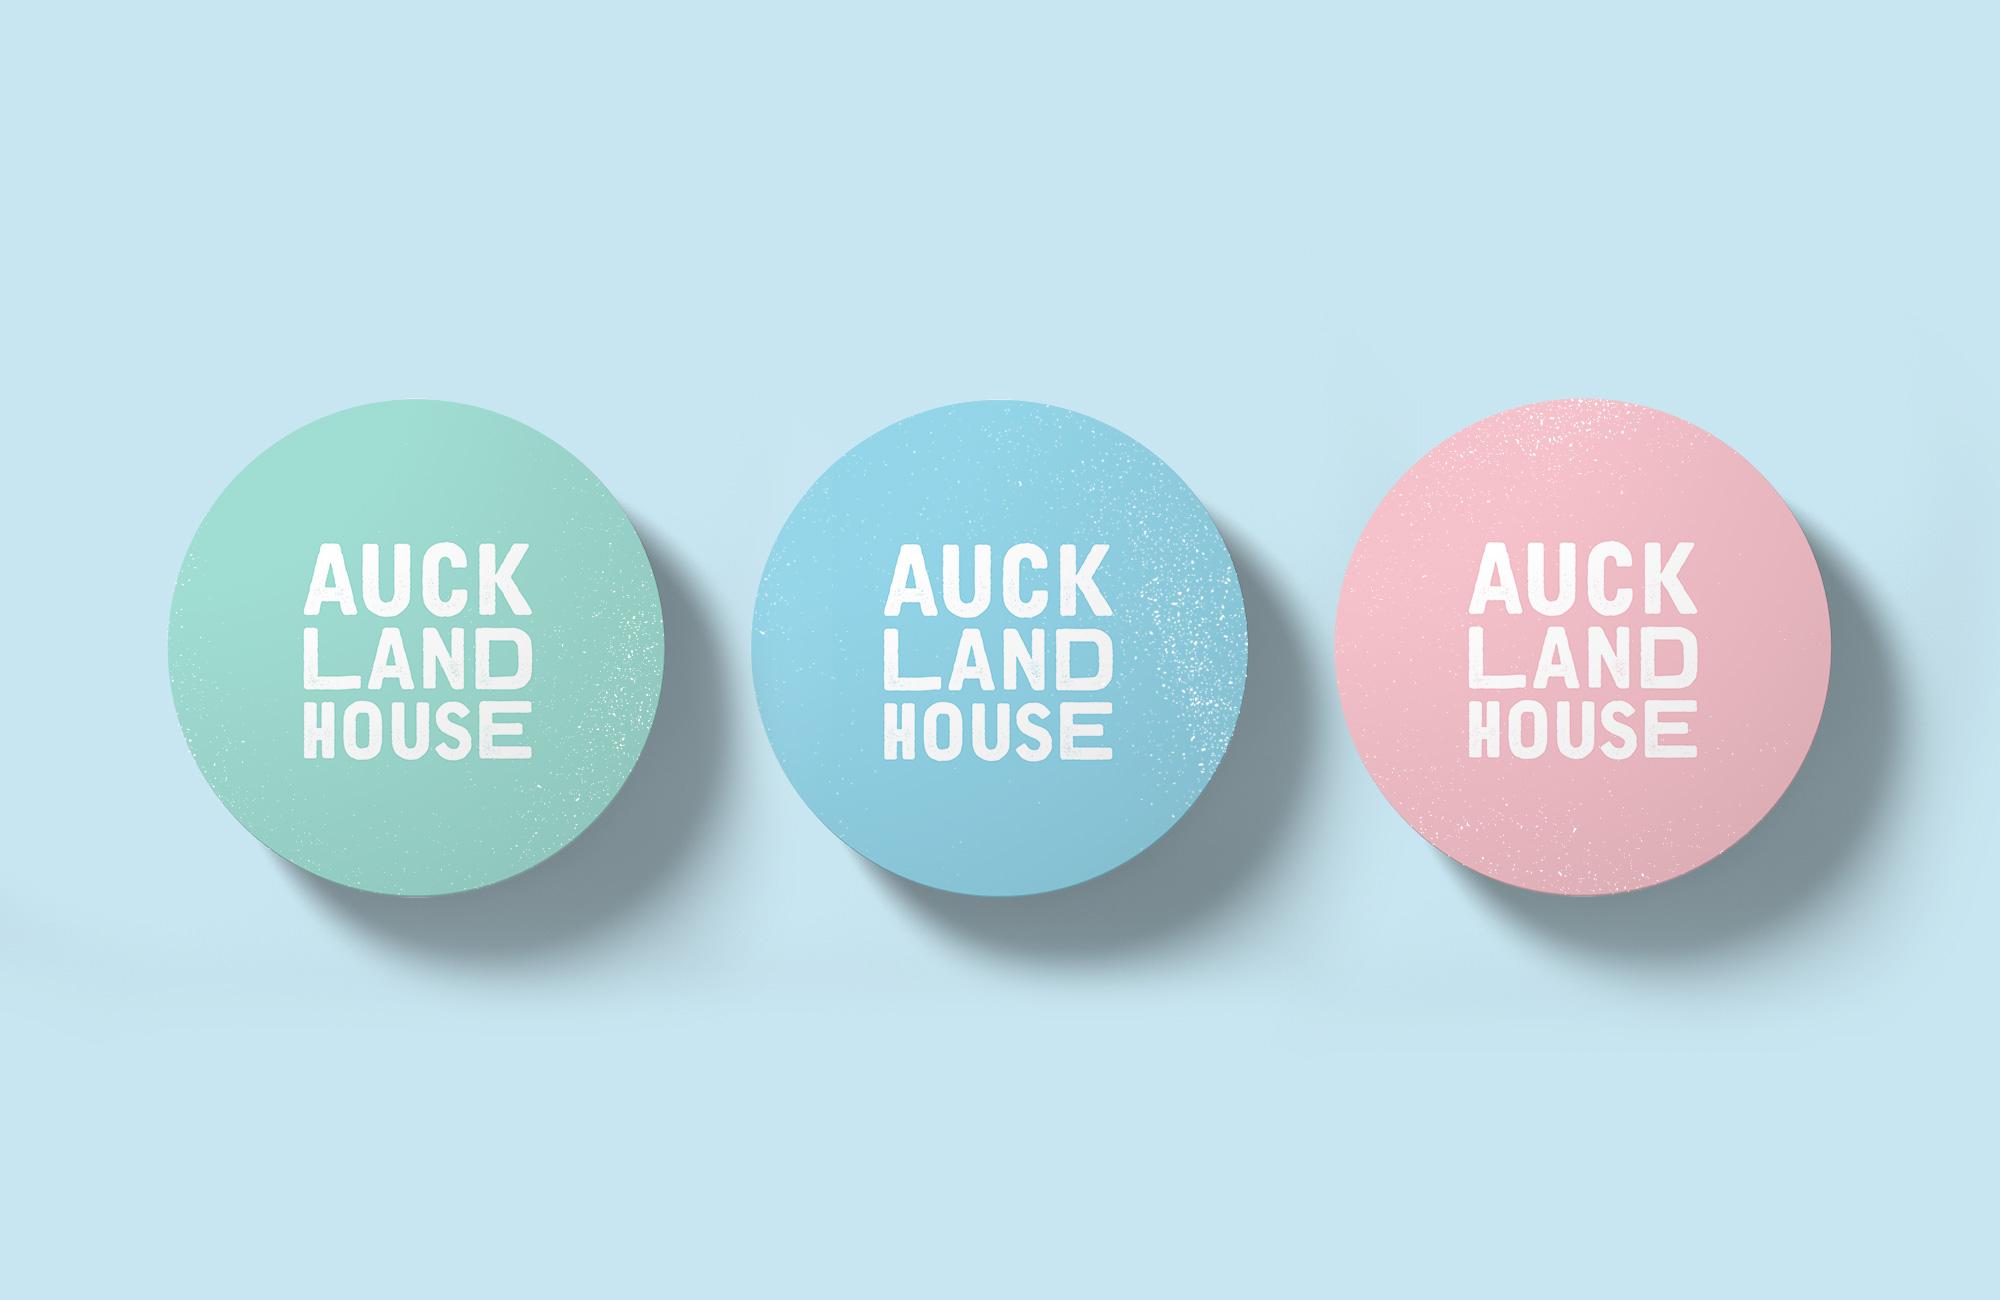 ALTR-AucklandHouse-03